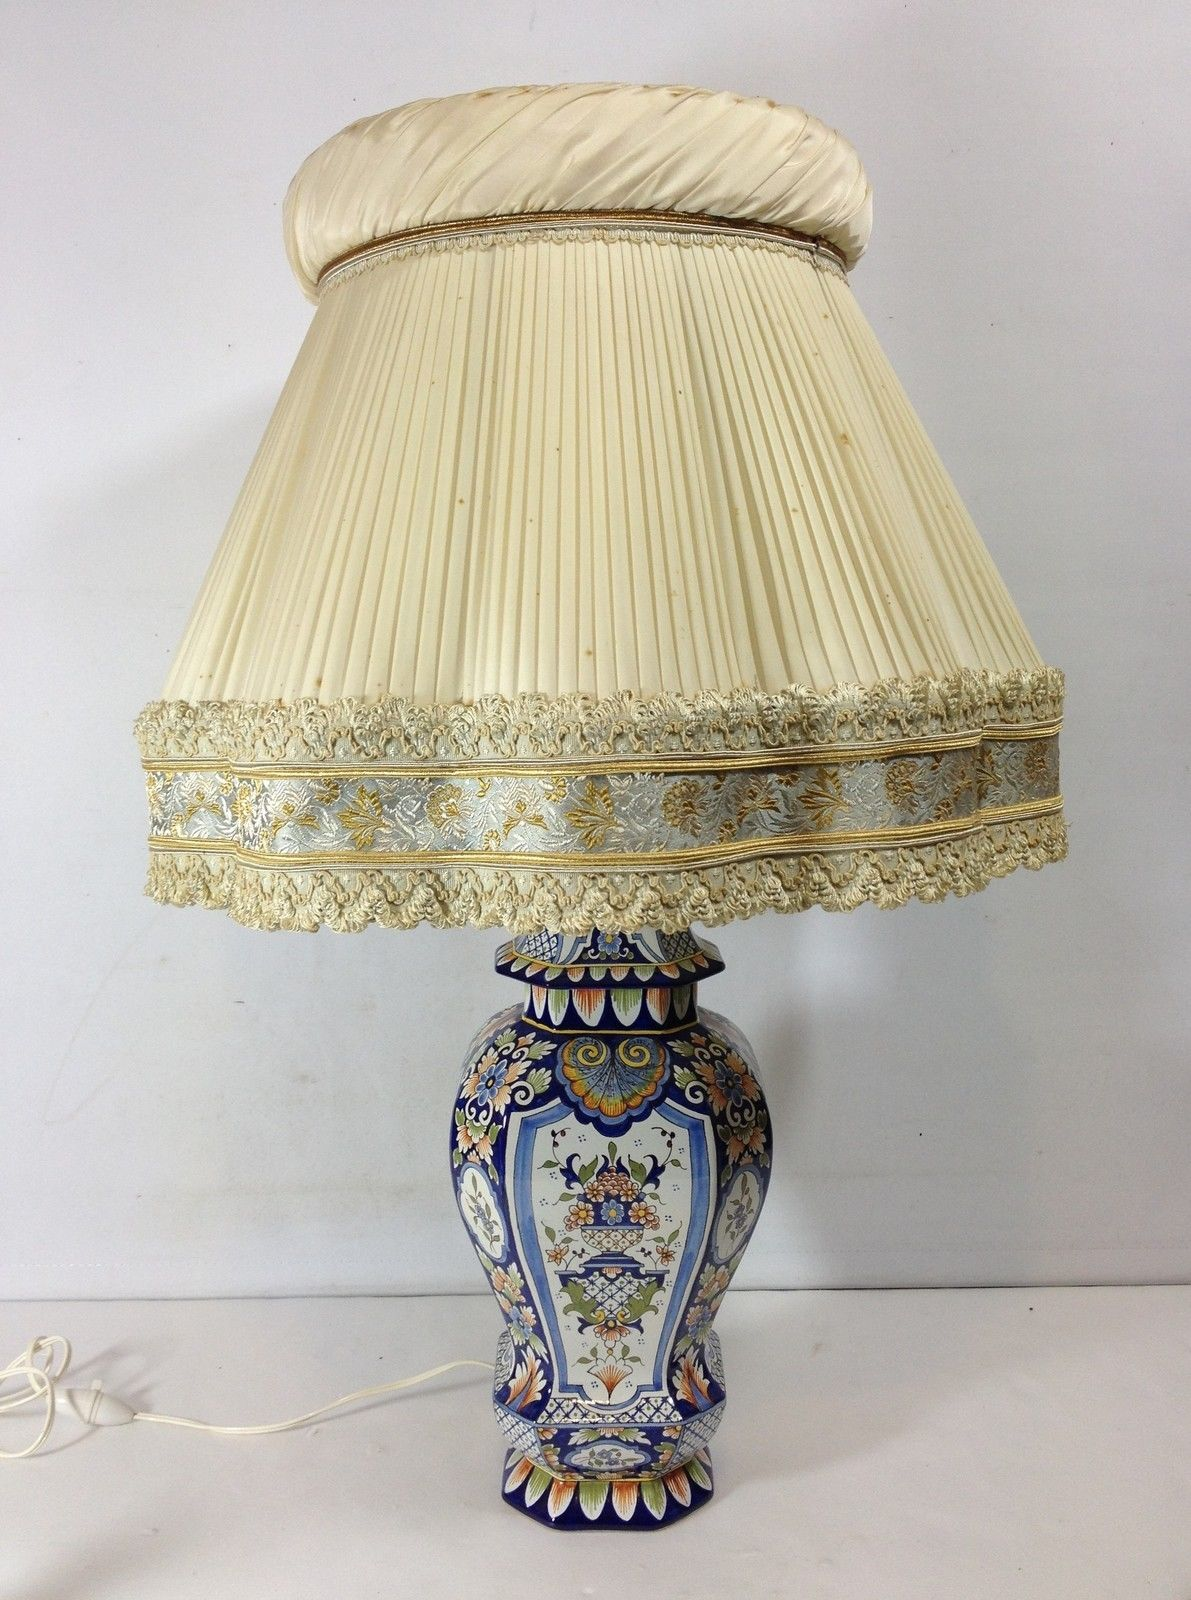 Potiche pied de lampe en faience de rouen ebay faience for Fabriquer un abat jour en tissu